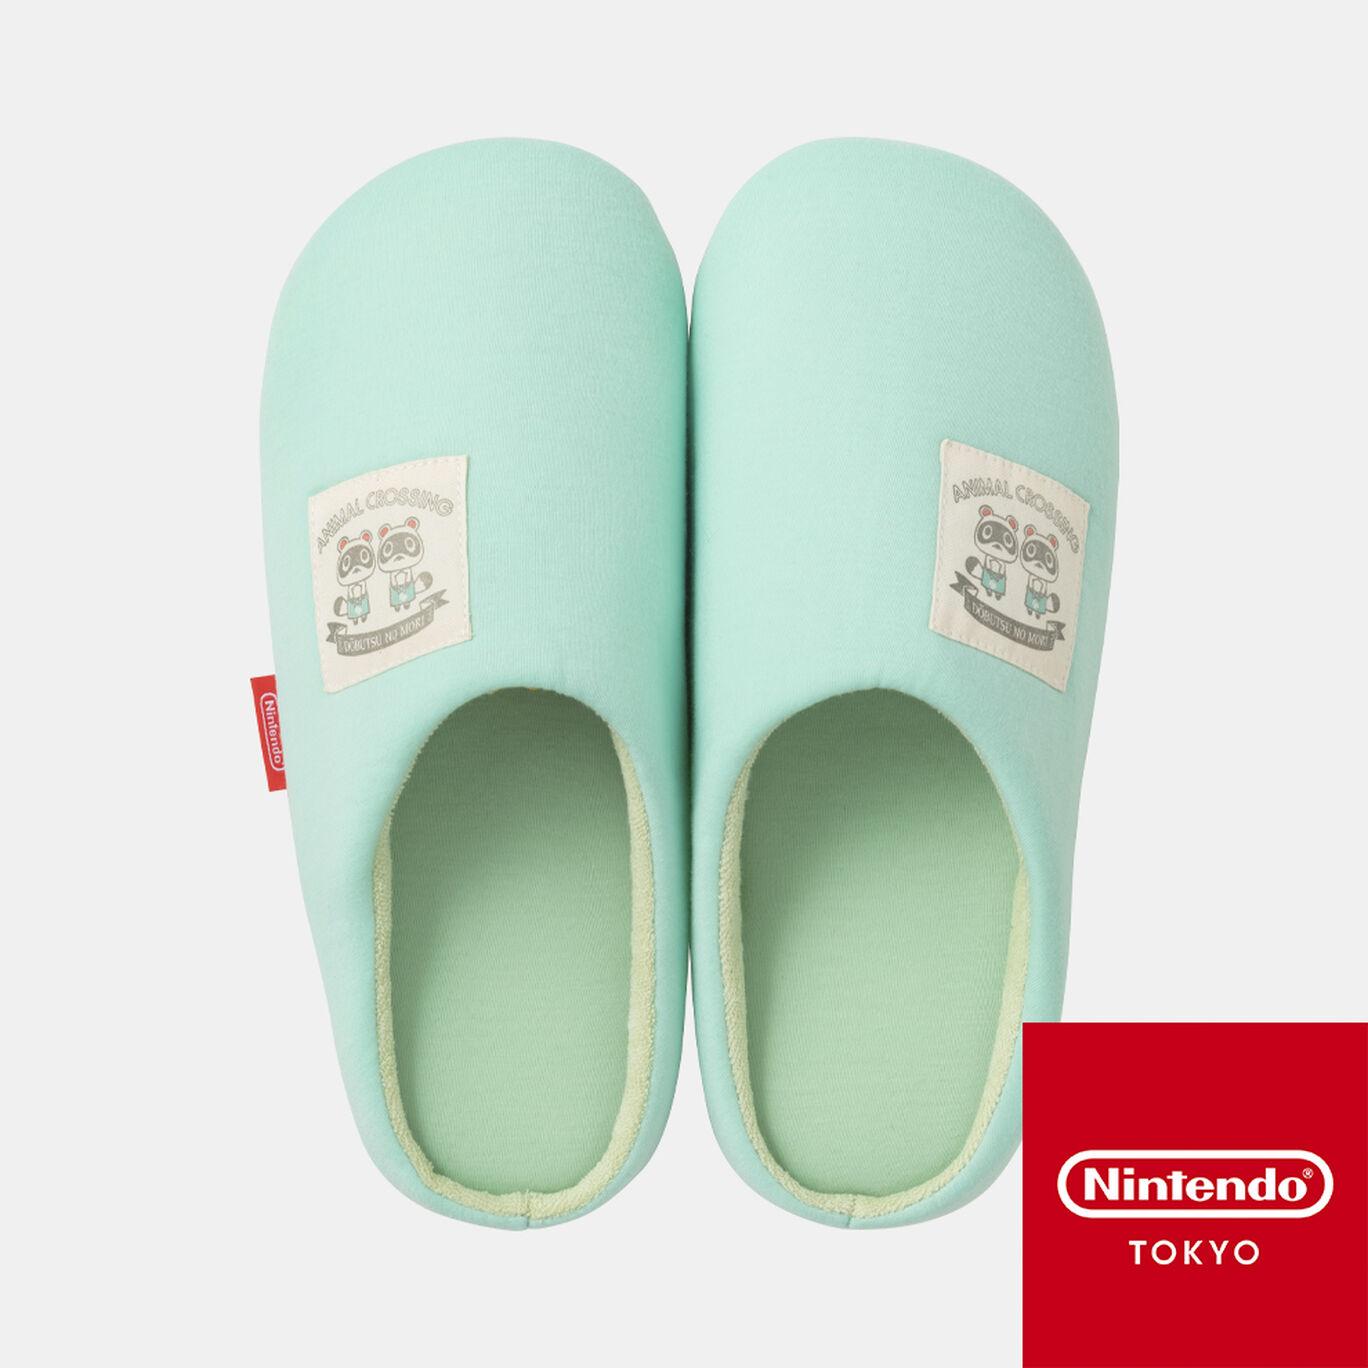 ルームシューズ どうぶつの森 B【Nintendo TOKYO取り扱い商品】